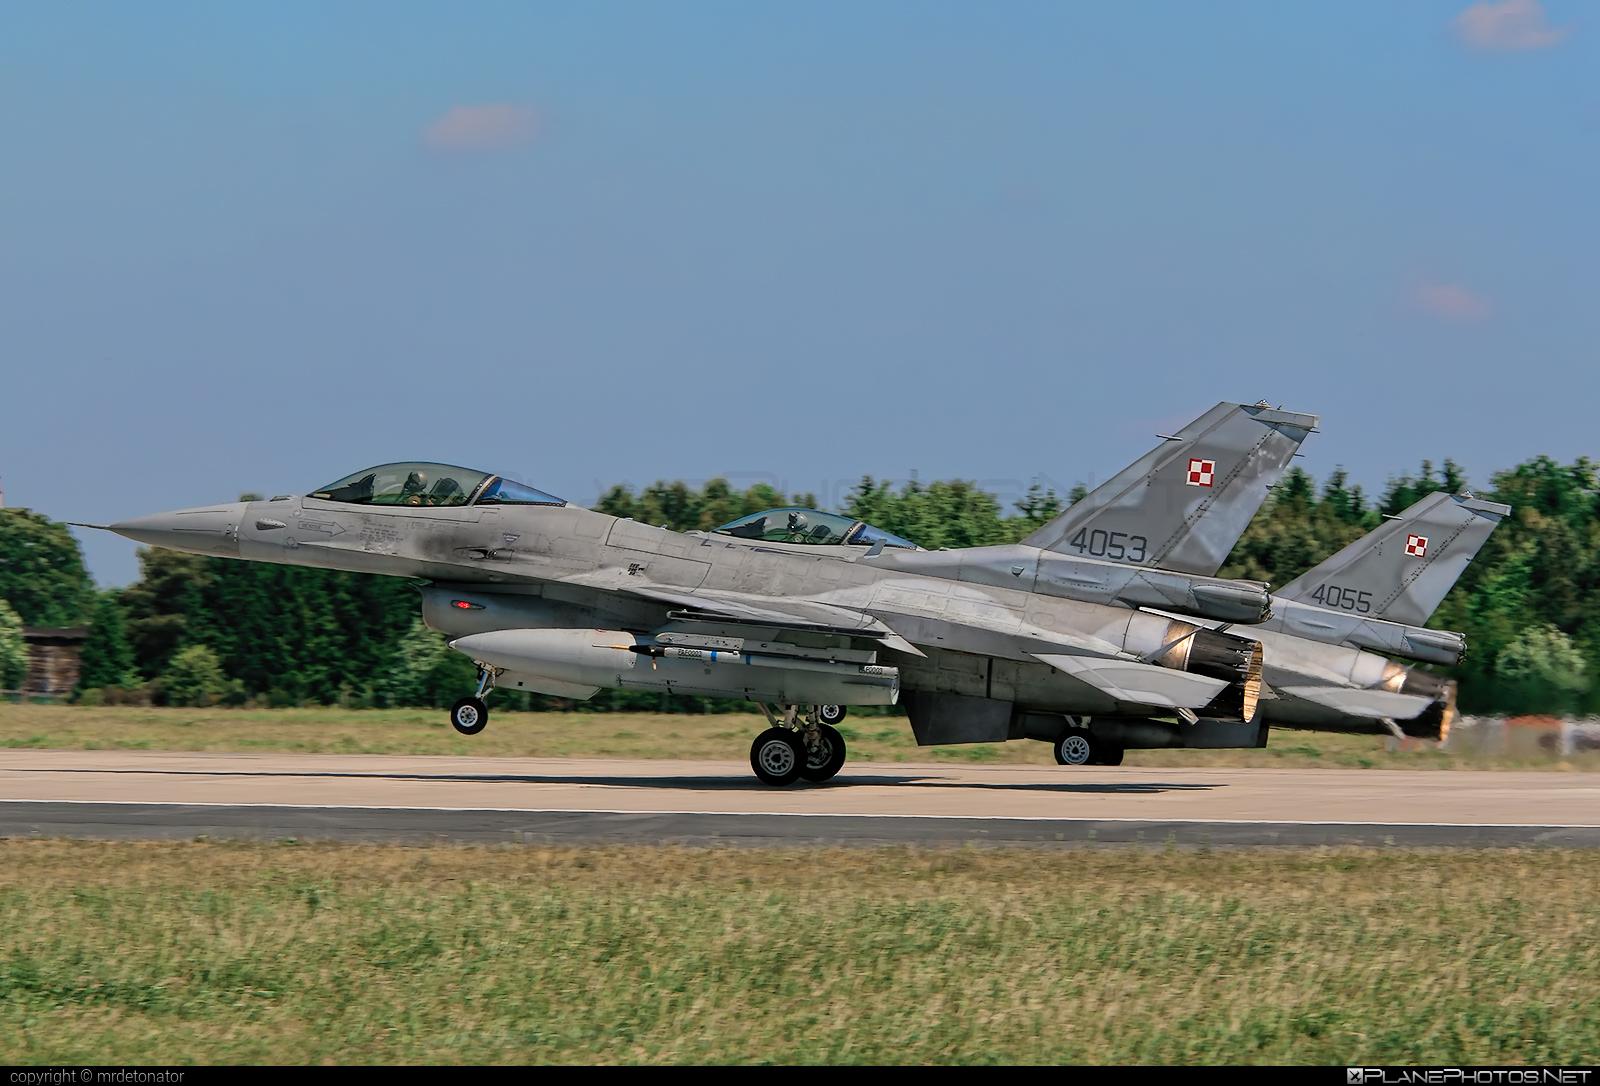 Lockheed Martin F-16CJ Fighting Falcon - 4053 operated by Siły Powietrzne Rzeczypospolitej Polskiej (Polish Air Force) #LockheedMartin #f16 #f16cj #fightingfalcon #polishairforce #silypowietrzne